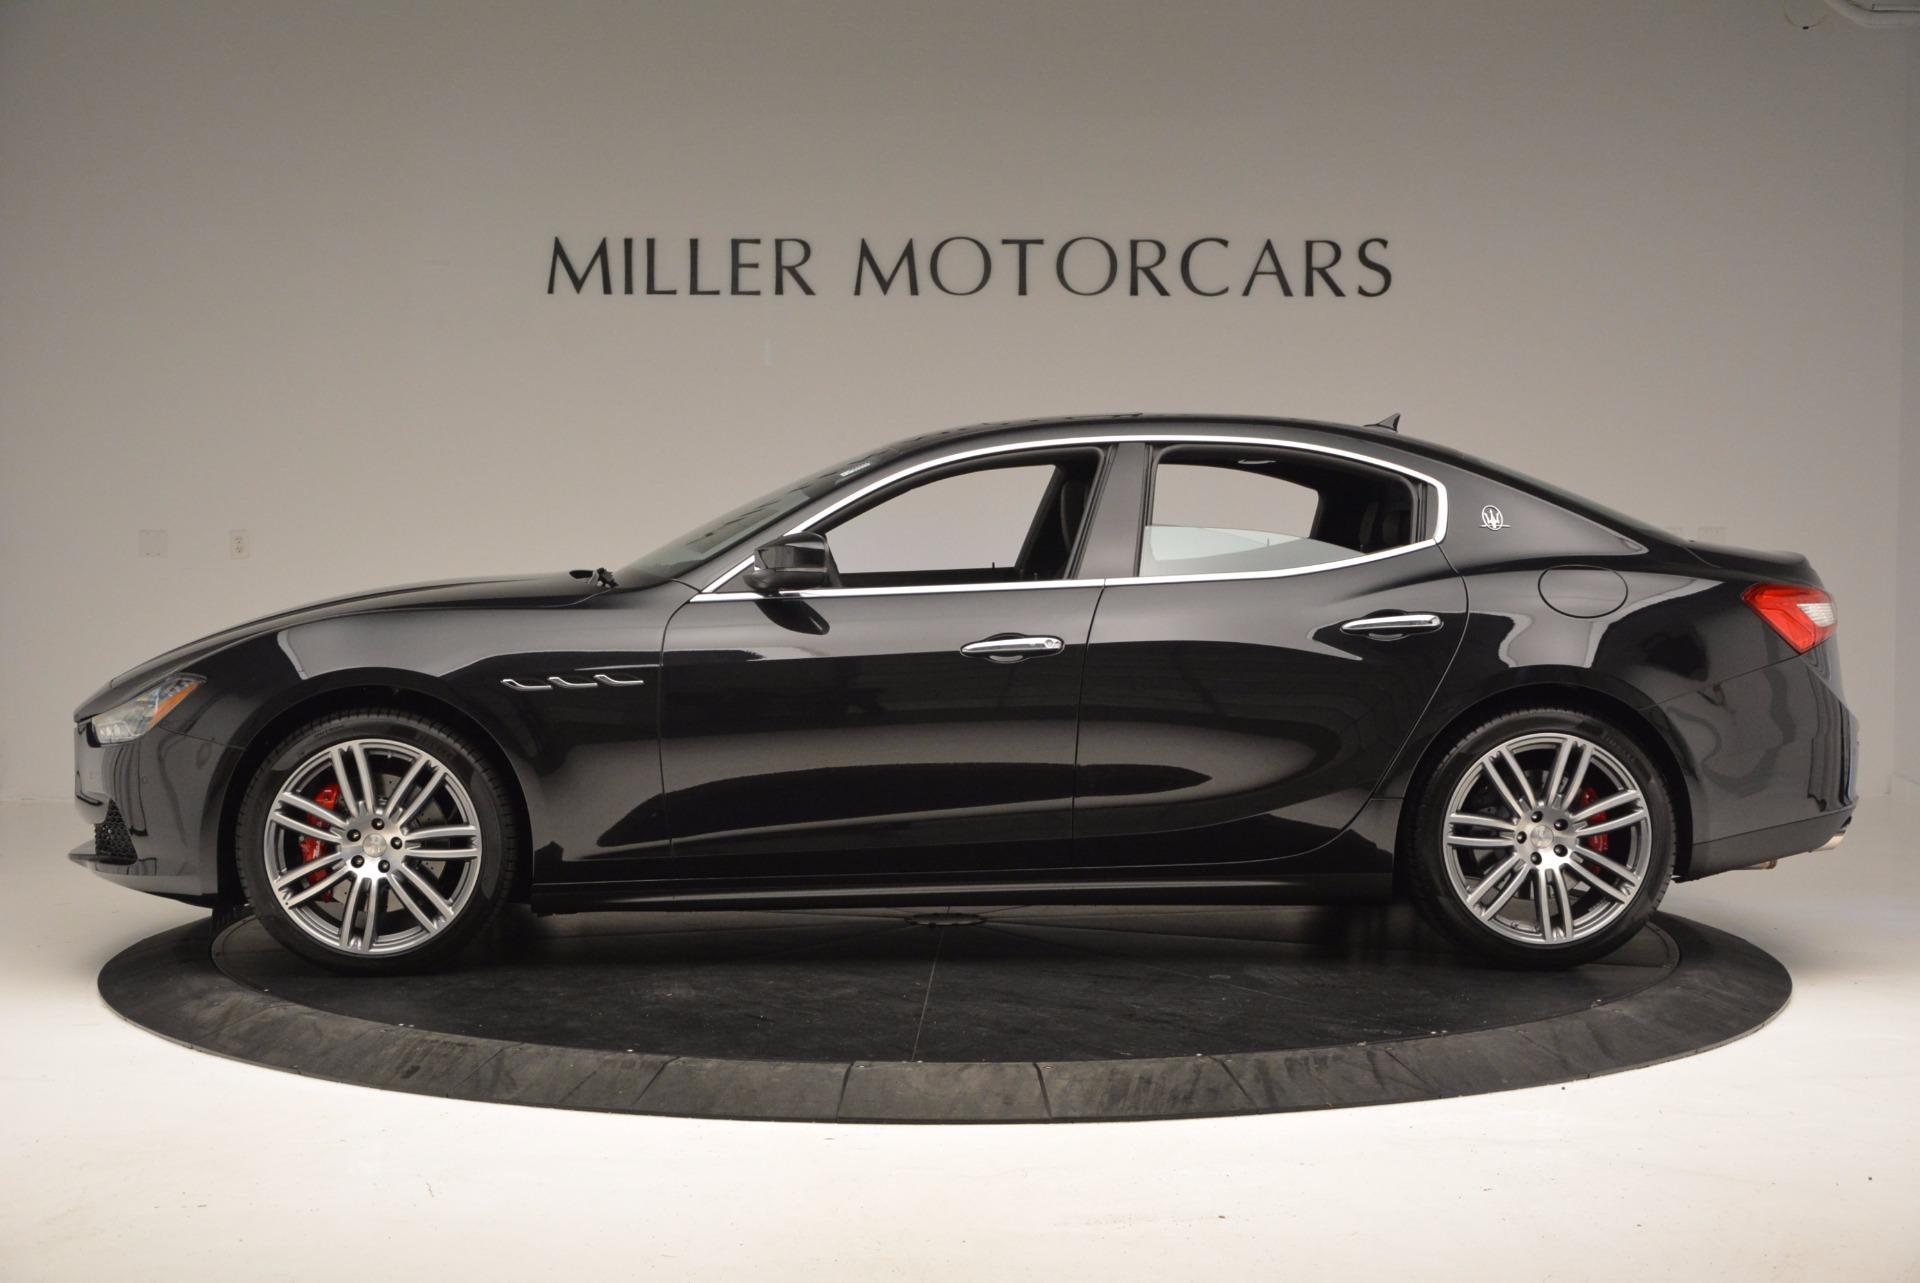 New 2017 Maserati Ghibli SQ4 For Sale In Greenwich, CT 1443_p3